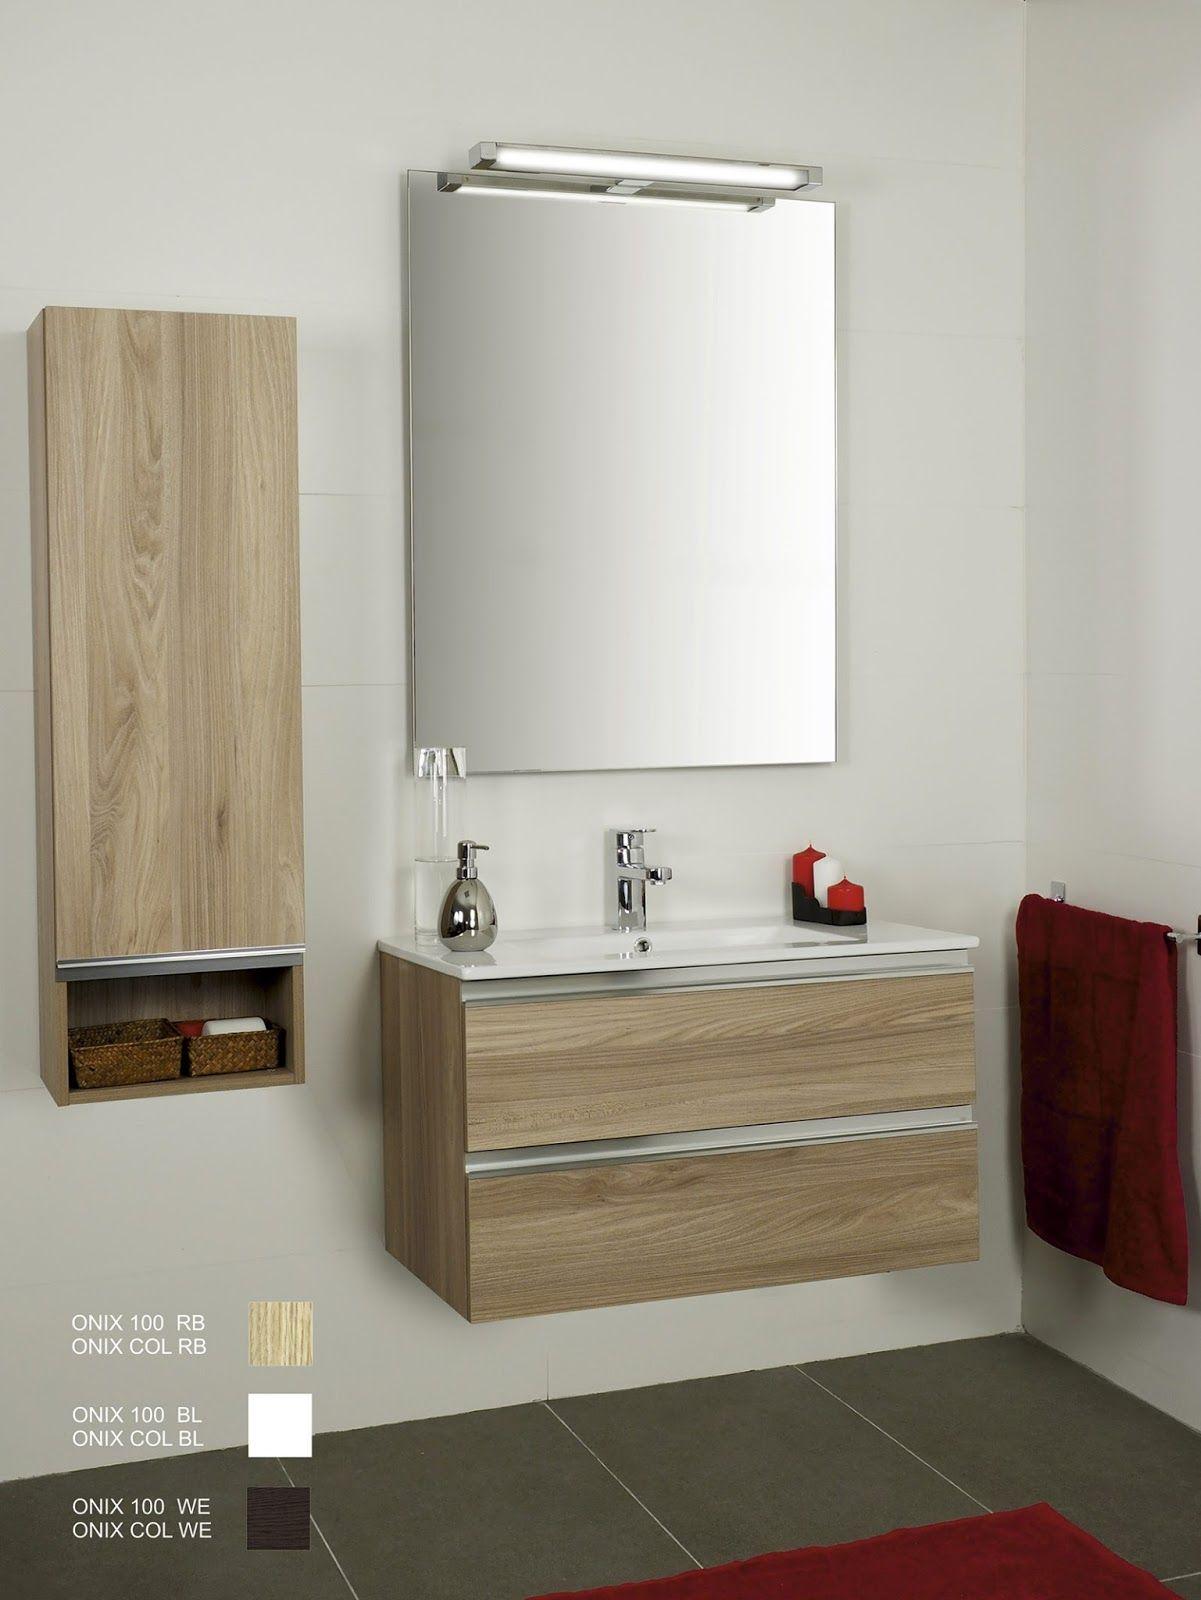 mueble de ba o incluye lavabo oferta muebles de ba o On muebles bano modernos baratos online